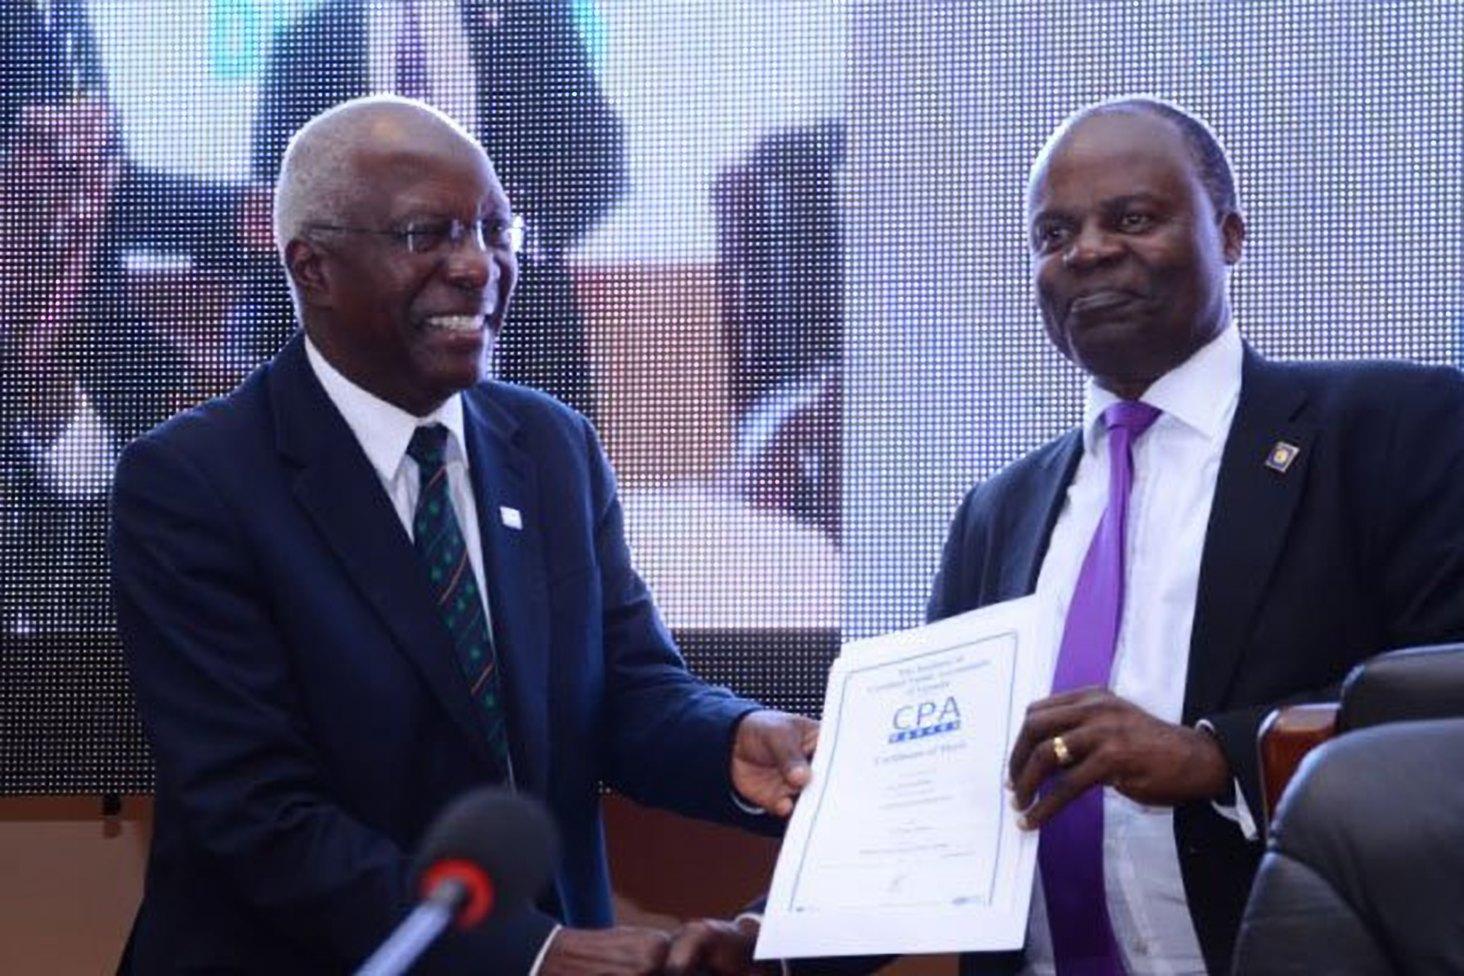 Auditor General John Muwanga (left) hands over certificate to Bank of Uganda deputy governor Louis Kasekende after his keynote address in Entebbe.v1